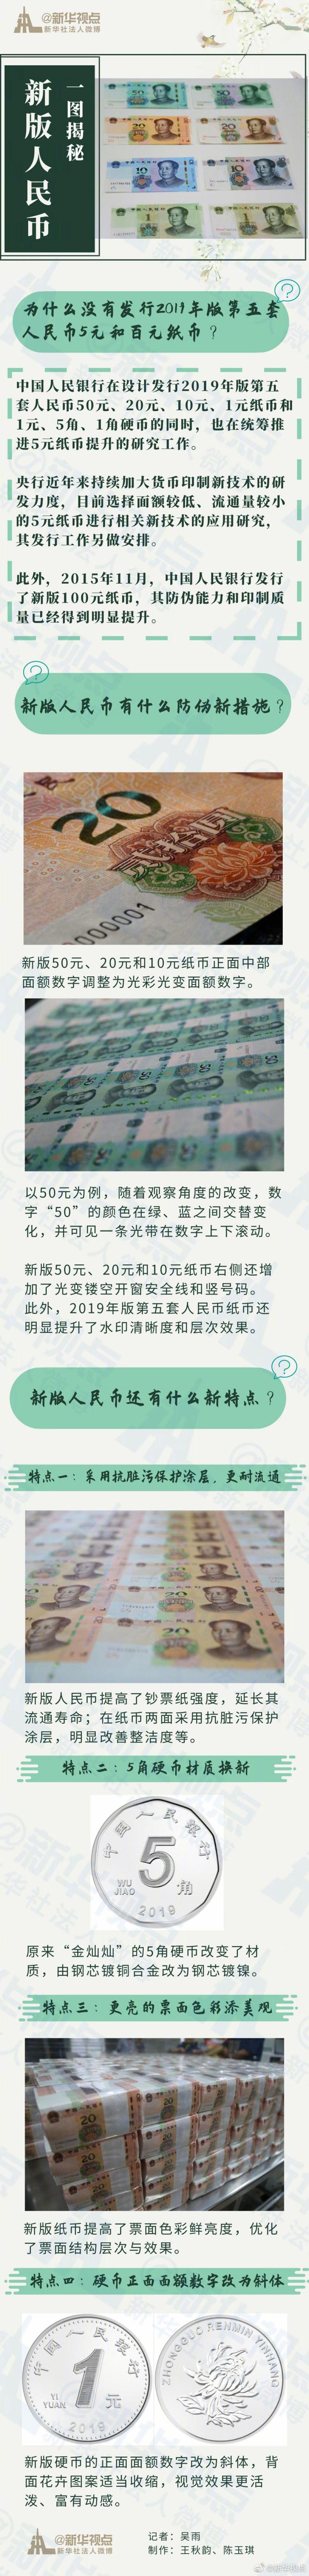 修枝机新版人民币8月30日发行 有啥新特点?一图揭秘!